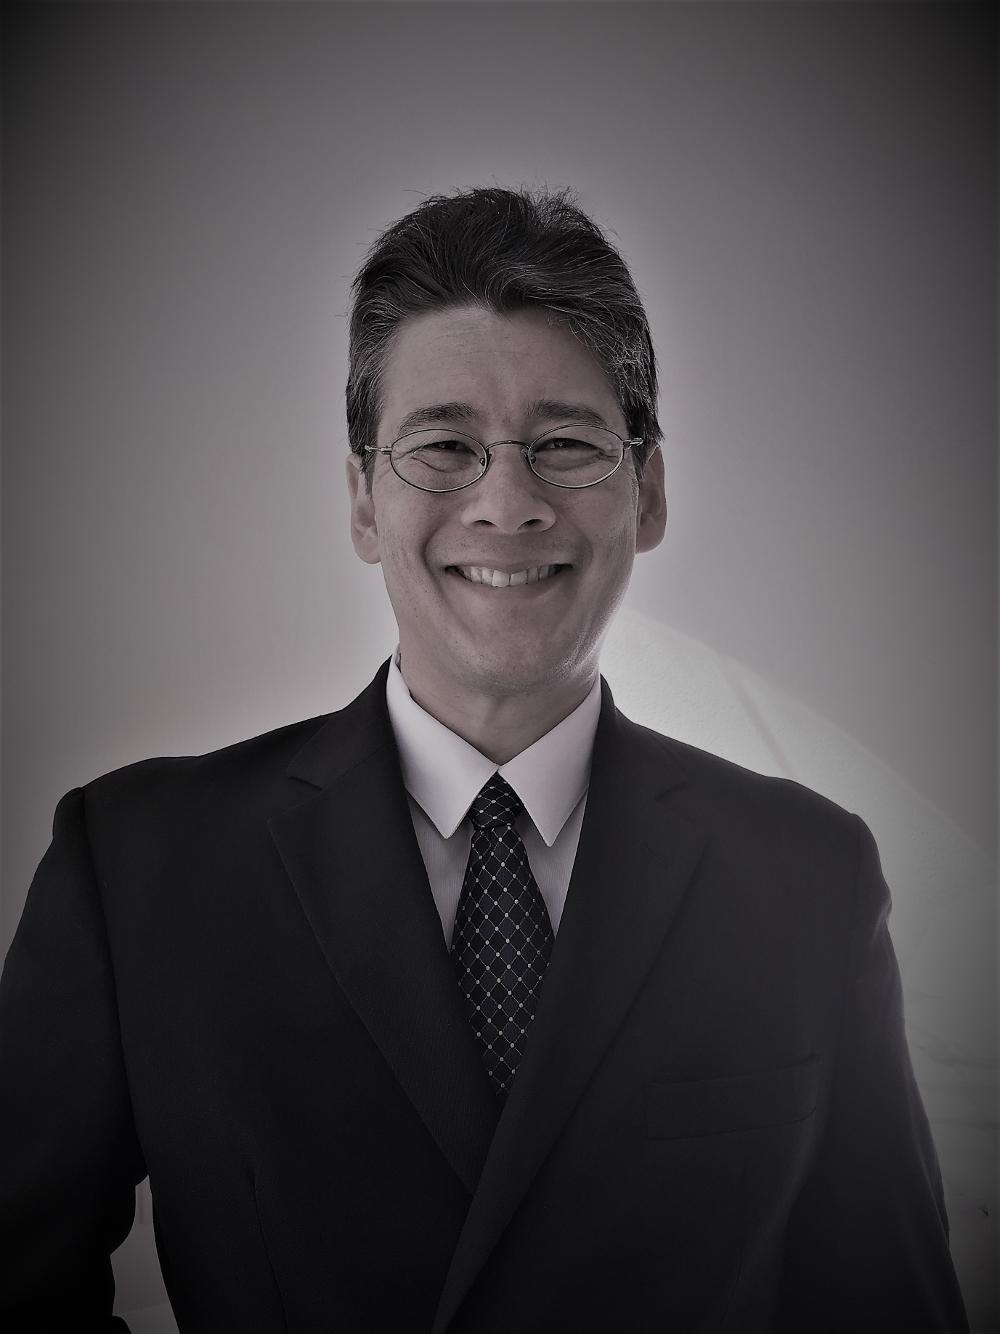 Matt Nakachi